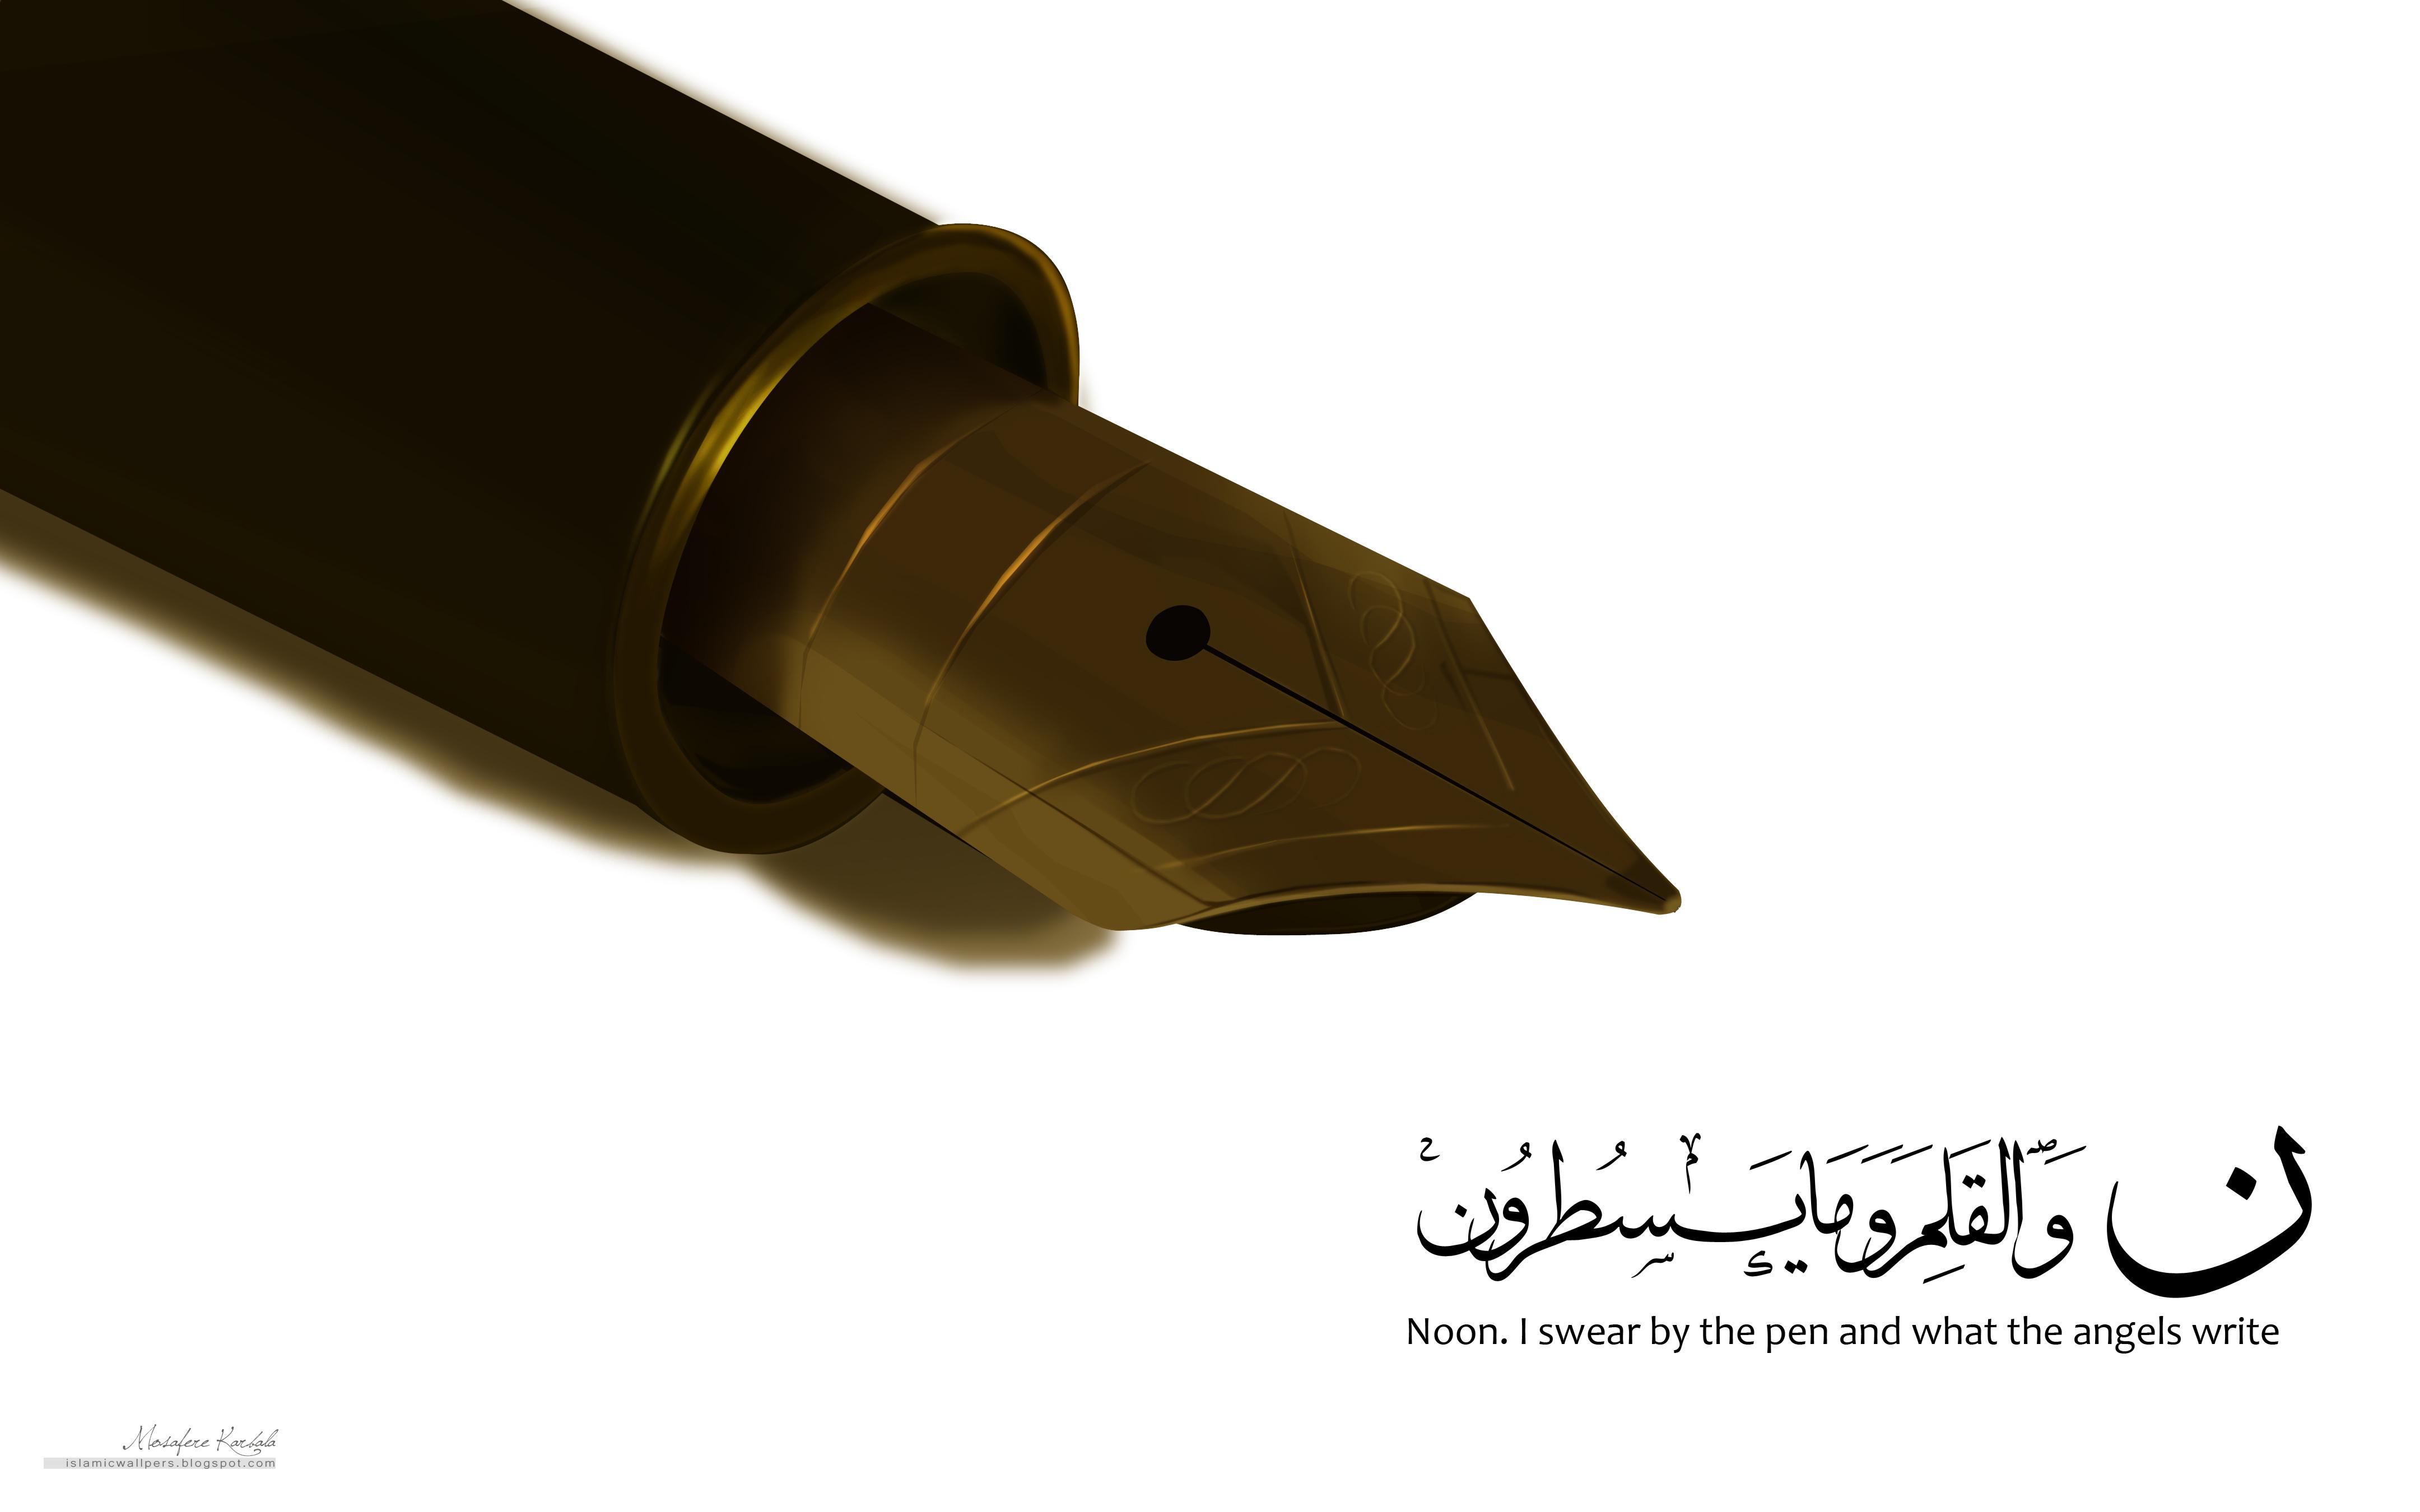 surat_al_ghalam_by_islamicwallpers